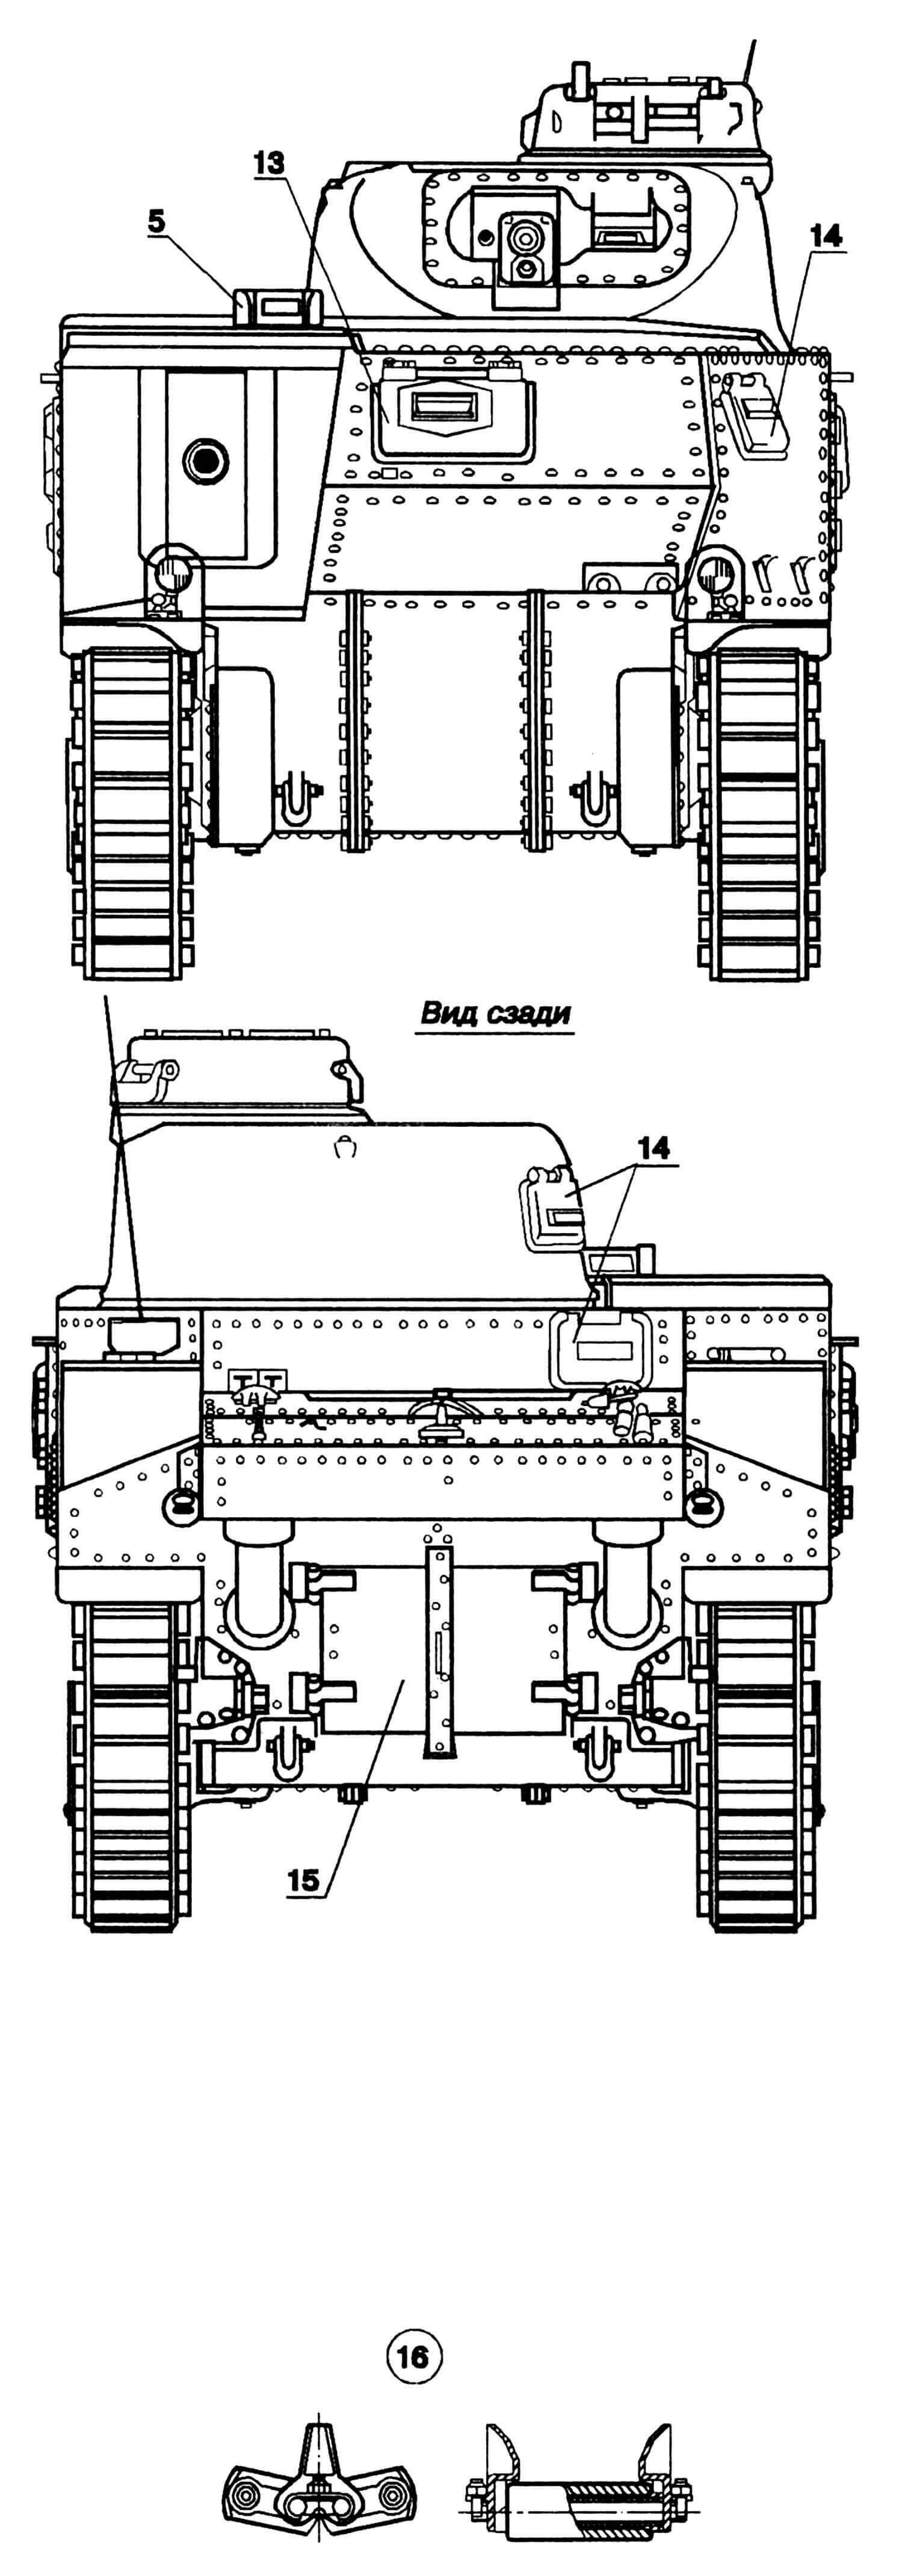 Средний танк М3: 1 — установка курсовых спаренных пулеметов Browning, 2 — фара, 3 — пушка 75-мм М2, 4 — спонсон, 5 — прицел 75-мм пушки, 6 — дверь бортовая, 7 — люк спонсона верхний, 8 — крышки заливных горловин топливных баков, 9 — пулемет спаренный Browning, 10 — башня орудийная, 11 — башенка командирская, 12 — антенна, 13 — люк механика-водителя, 14 — лючки смотровые, 15 — люк для доступа к двигателю, 16 — траки гусеничной цепи.